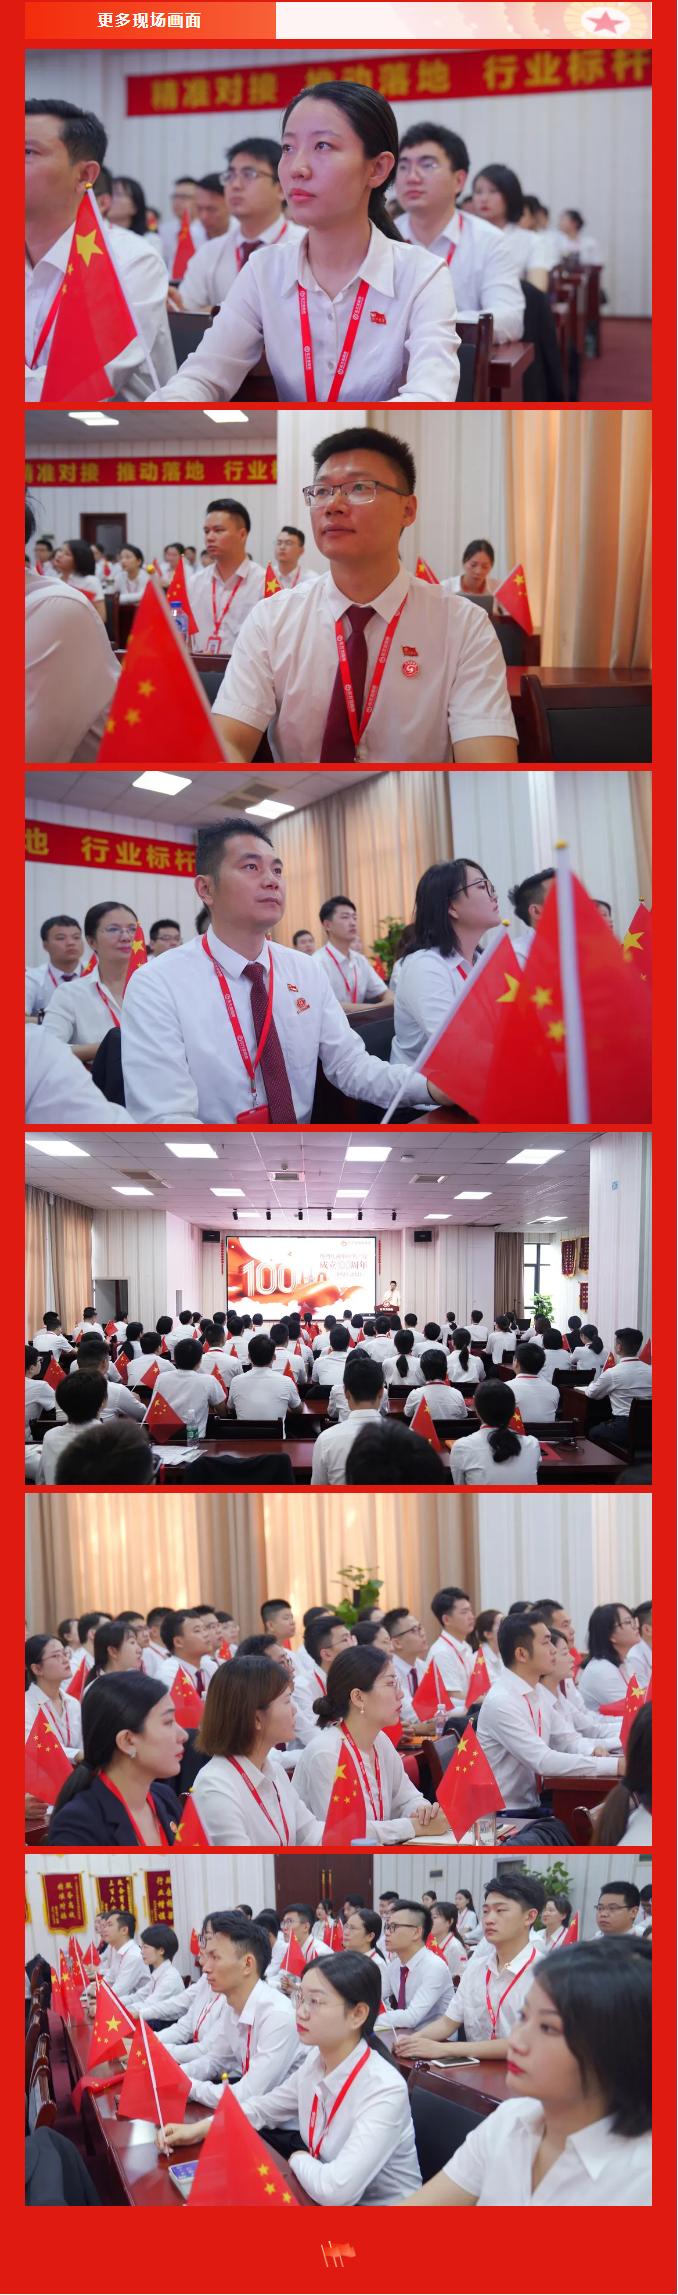 以史为鉴,开创未来!东方龙商务集团组织全体干部员工集体收看中国共产党成立100周年大会直播